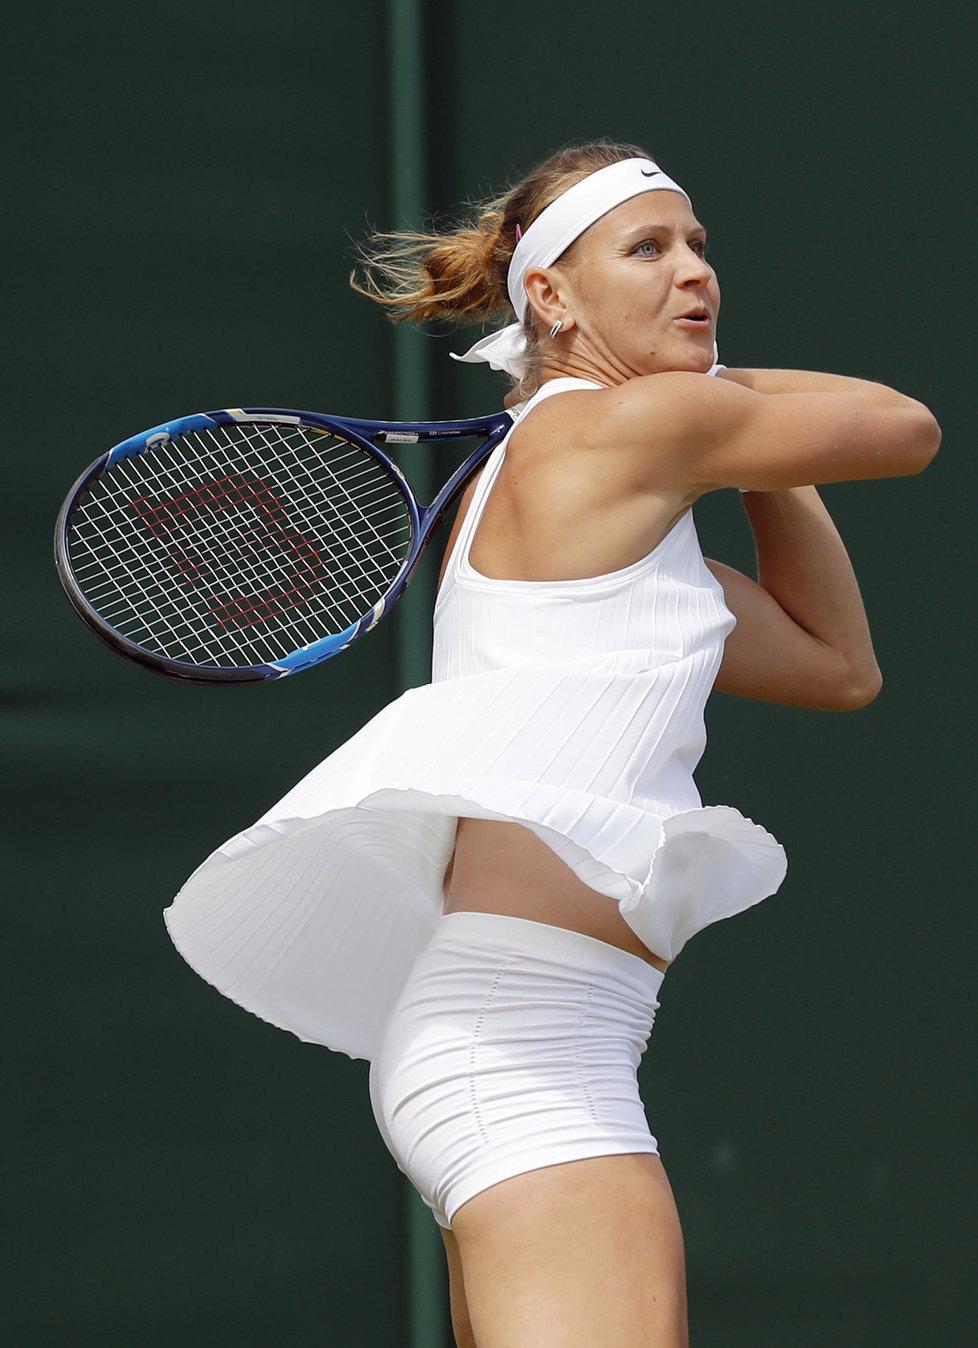 Česká tenistka Lucie Šafářová vydřela ve Wimbledonu výhru nad Slovenkou Čepelovou. Rozhodující sadu vyhrála 12:10.